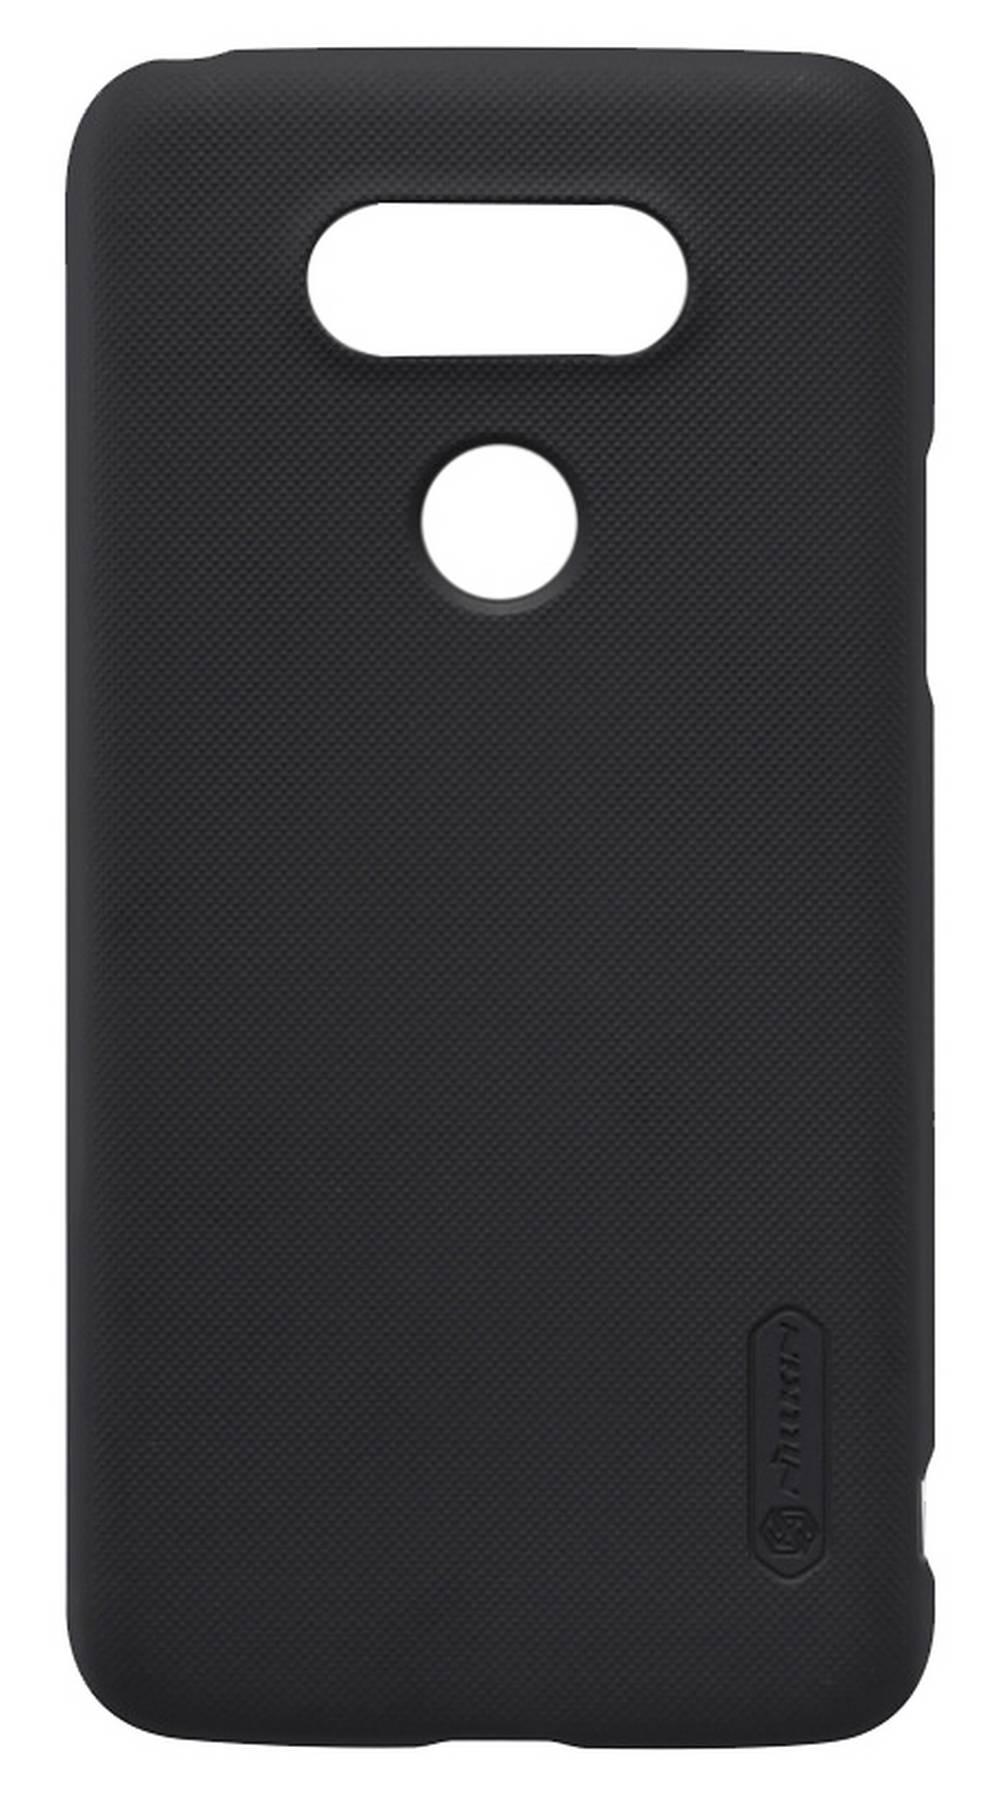 Θήκη Faceplate Nillkin για LG G5 H850 Frosted Shield με Screen Protector Ultra Clear Μαύρη